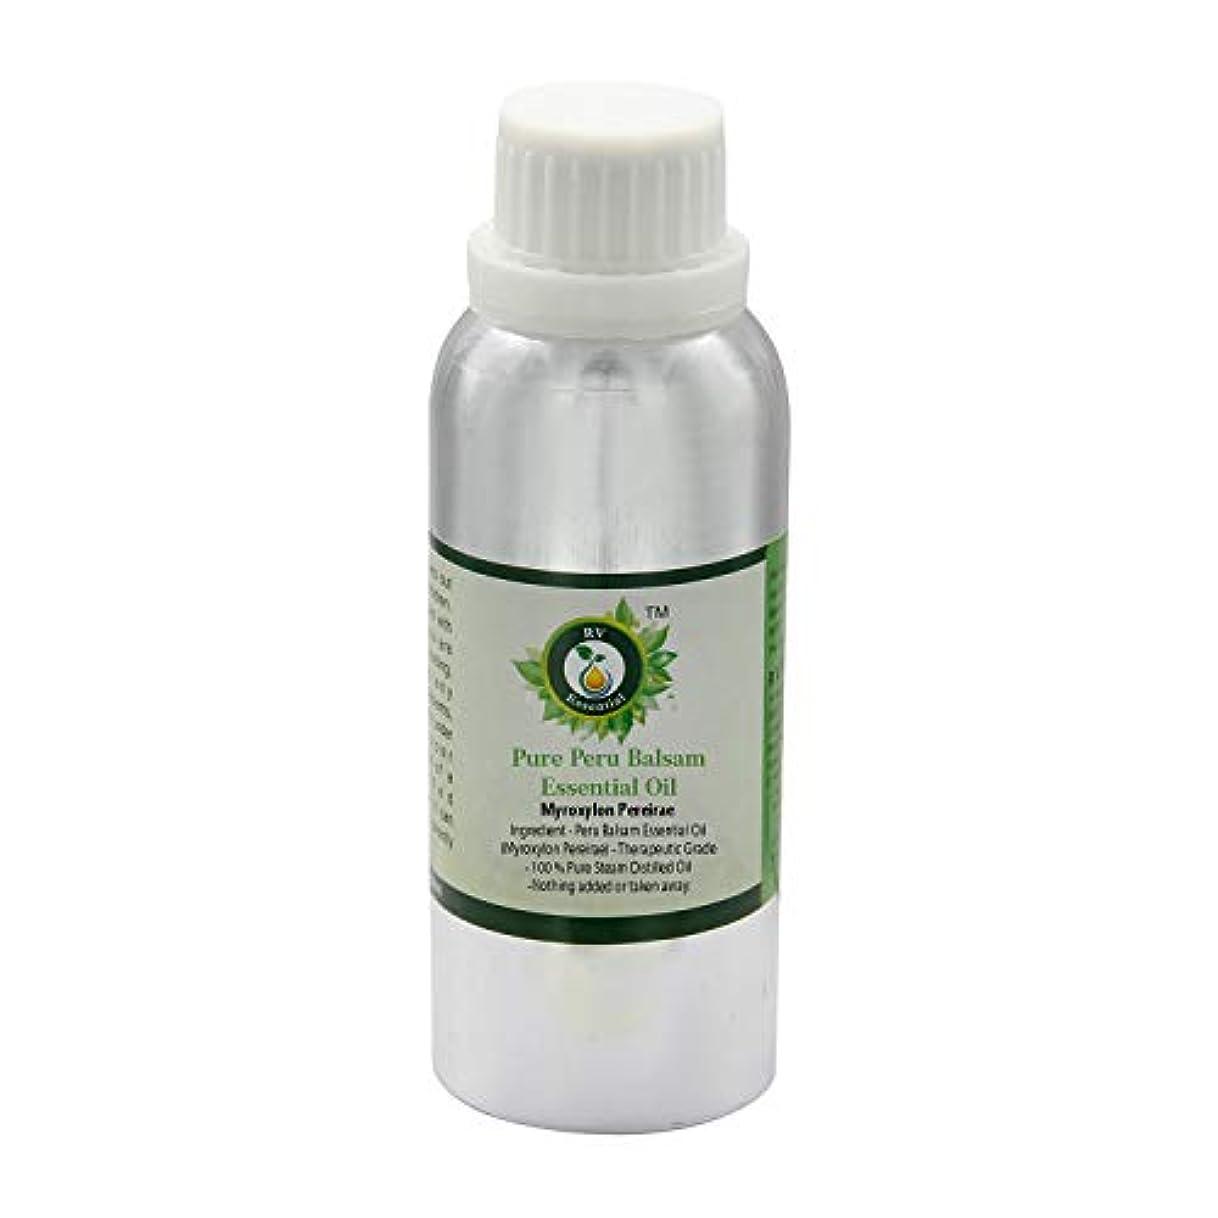 マティス探検ビルマピュアペルーバルサム?エッセンシャルオイル630ml (21oz)- Myroxylon Pereirae (100%純粋&天然スチームDistilled) Pure Peru Balsam Essential Oil